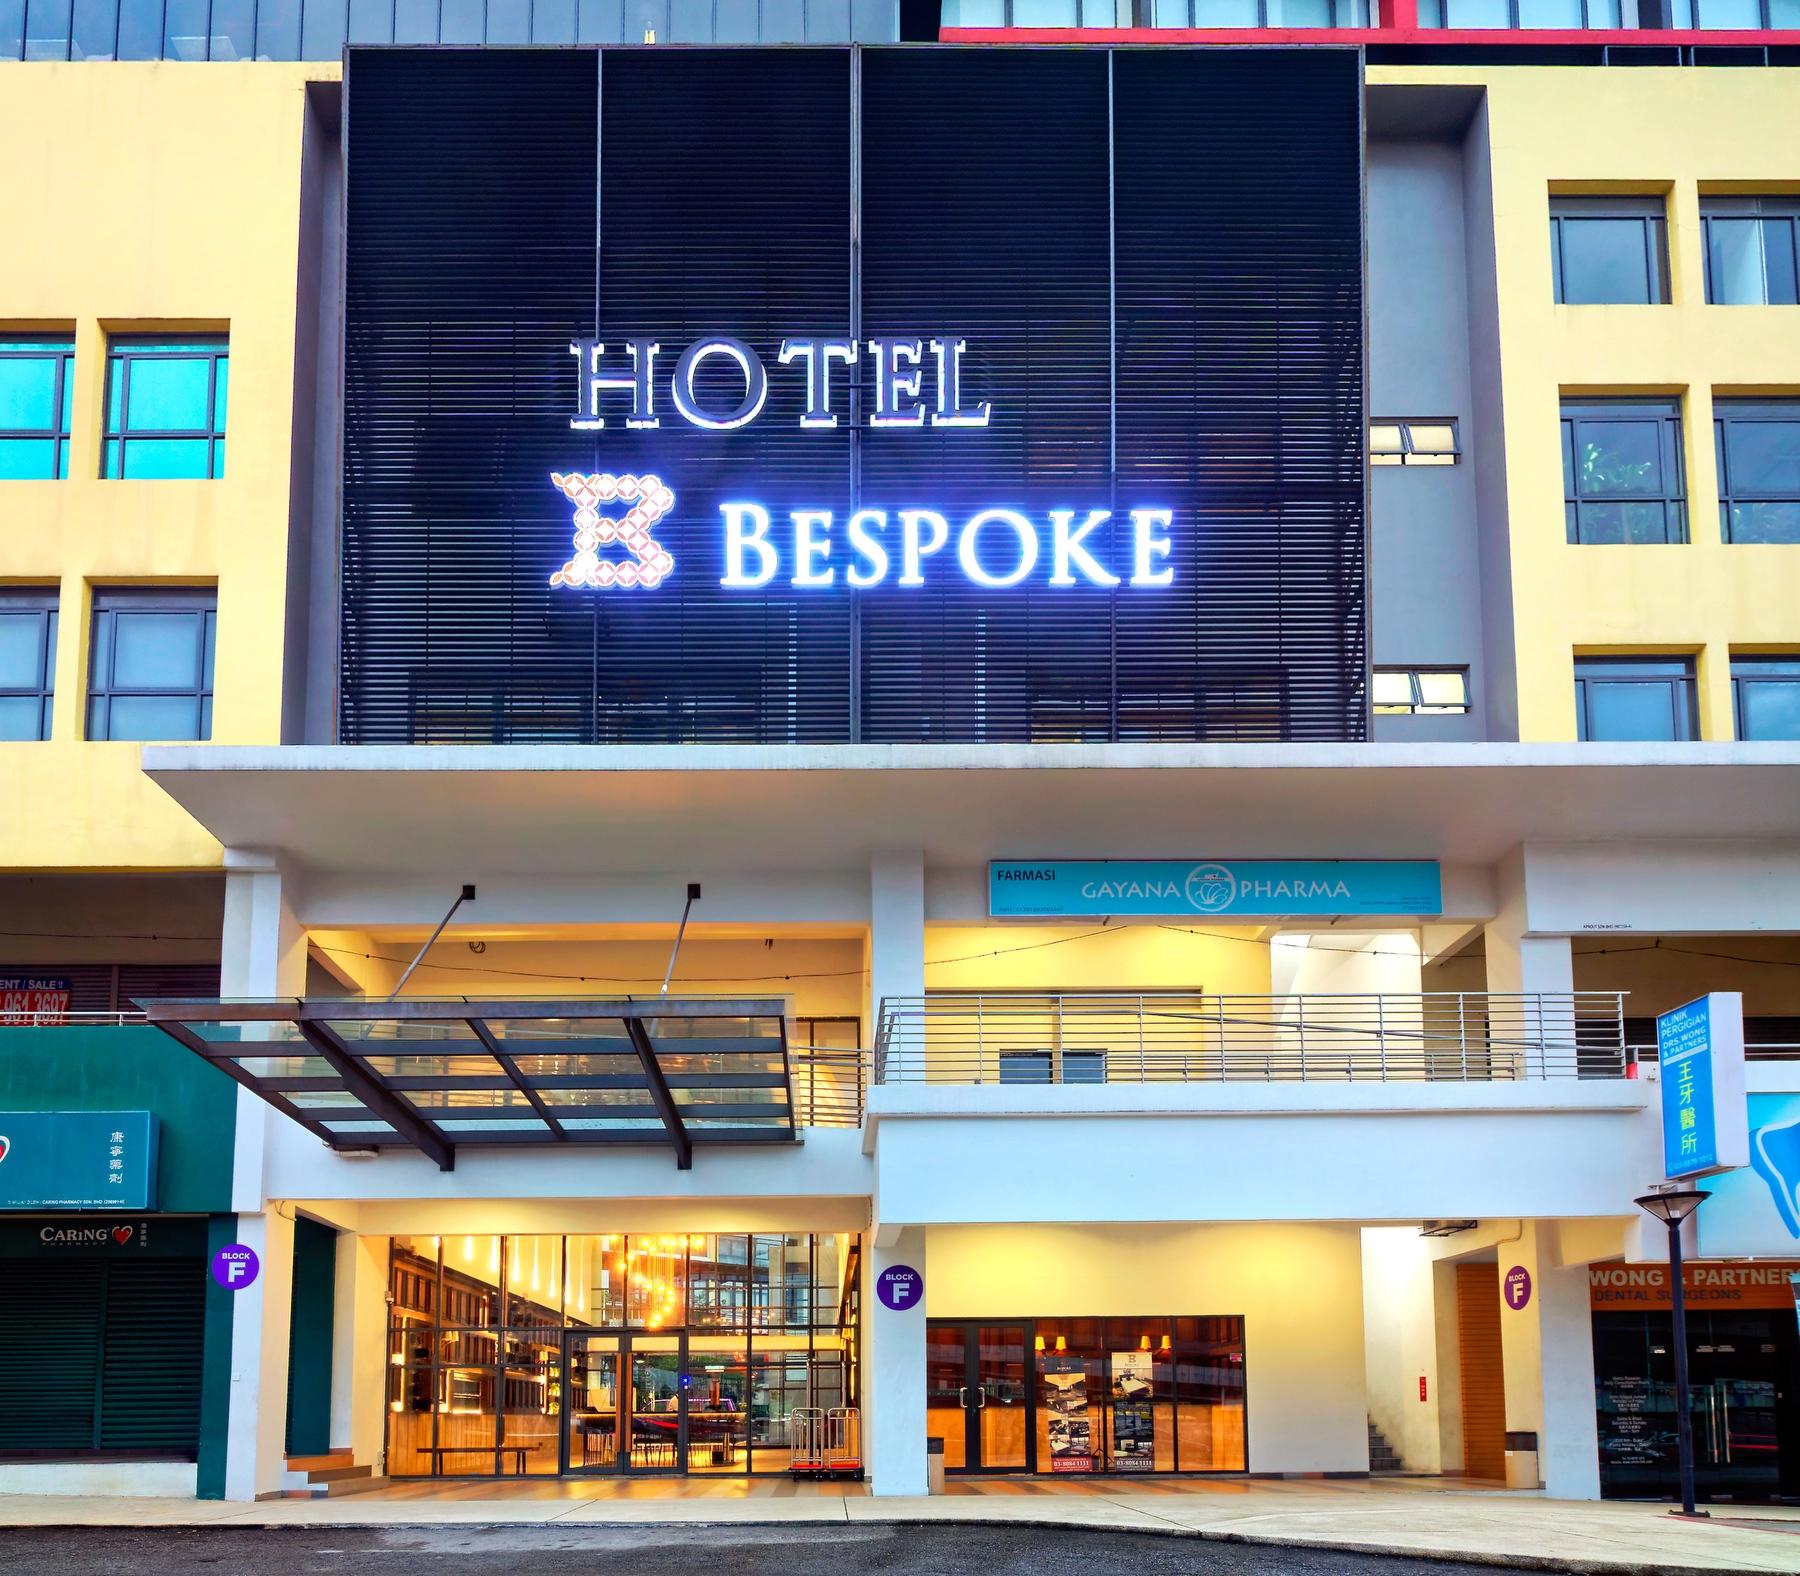 Bespoke Hotel Puchong, Kuala Lumpur